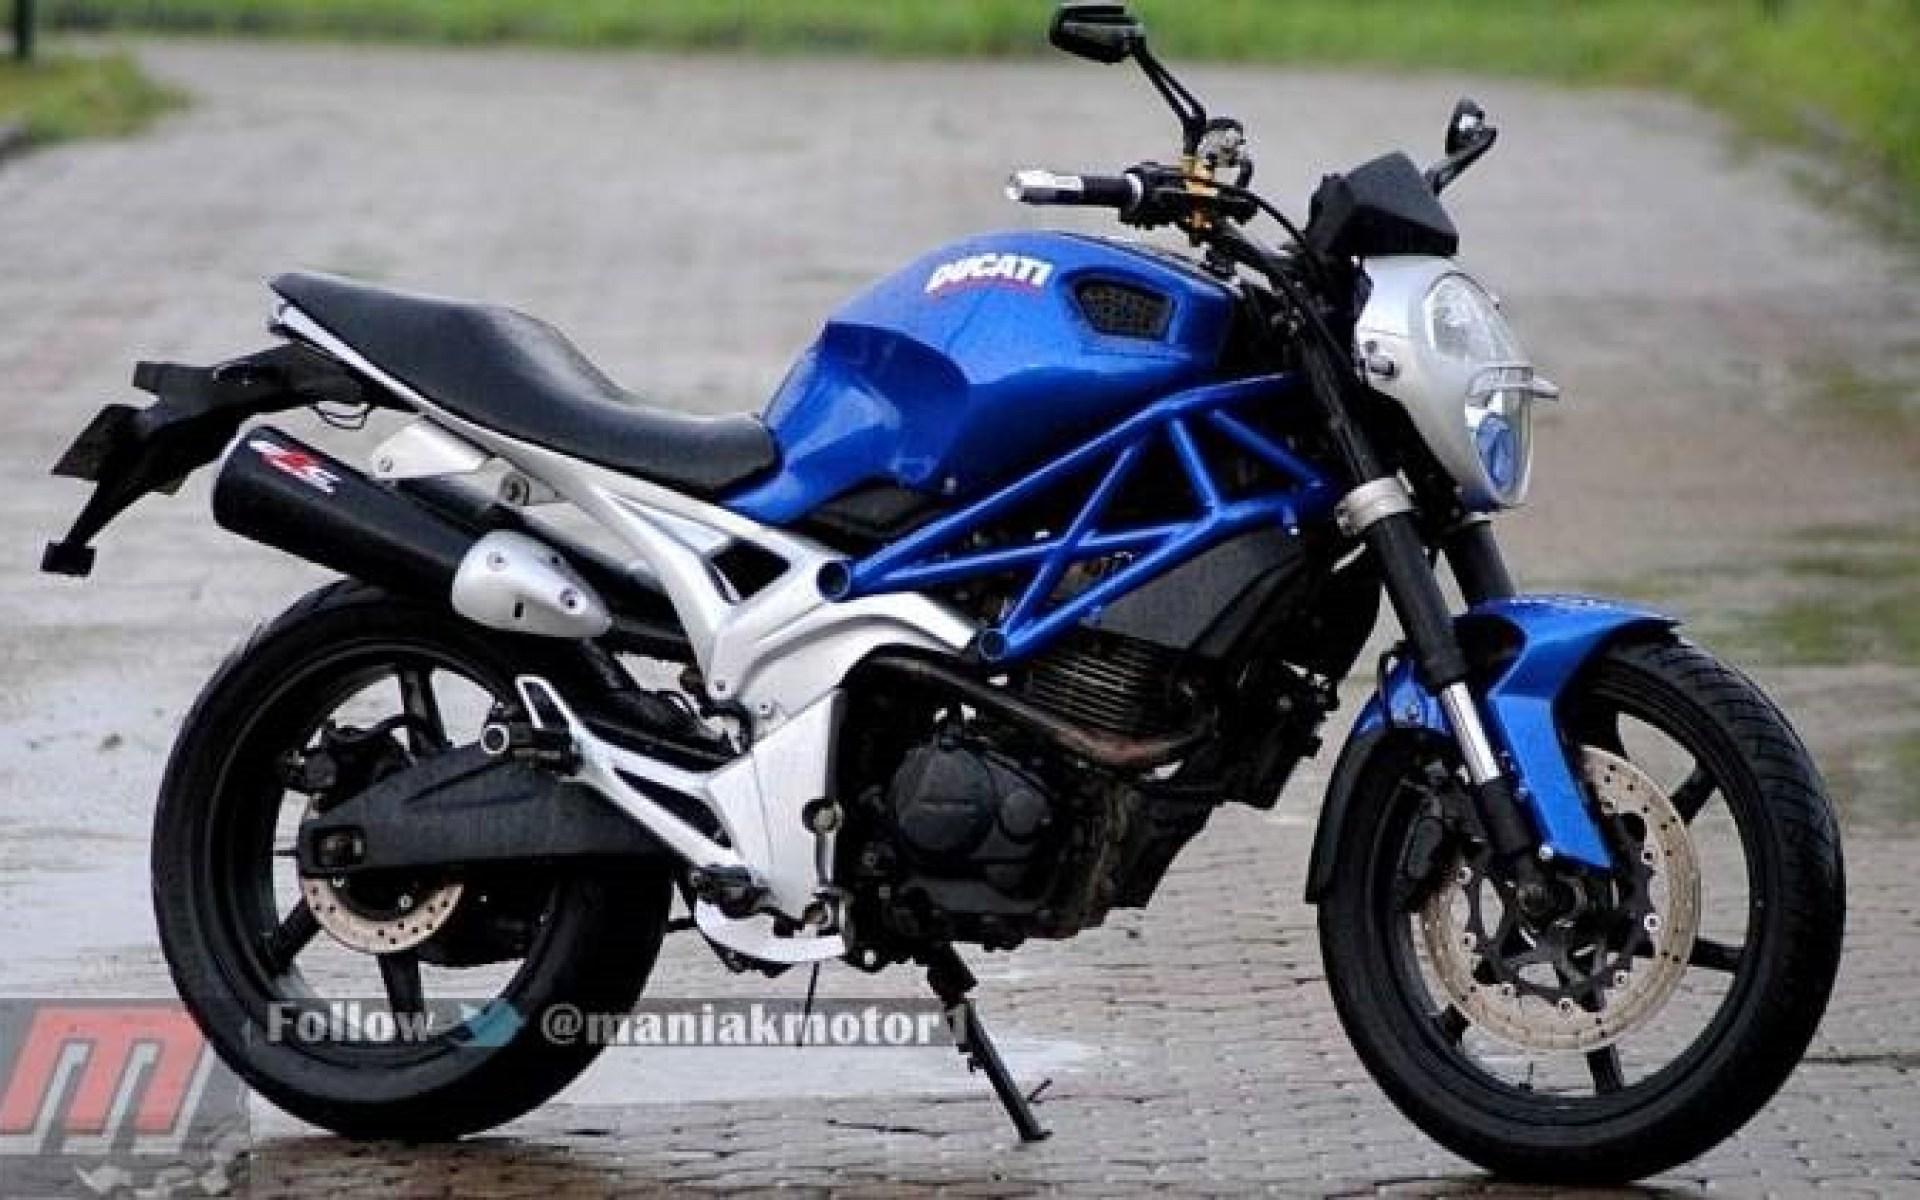 Koleksi Modifikasi Motor Tiger Ala Ducati Terbaru Dan Terlengkap